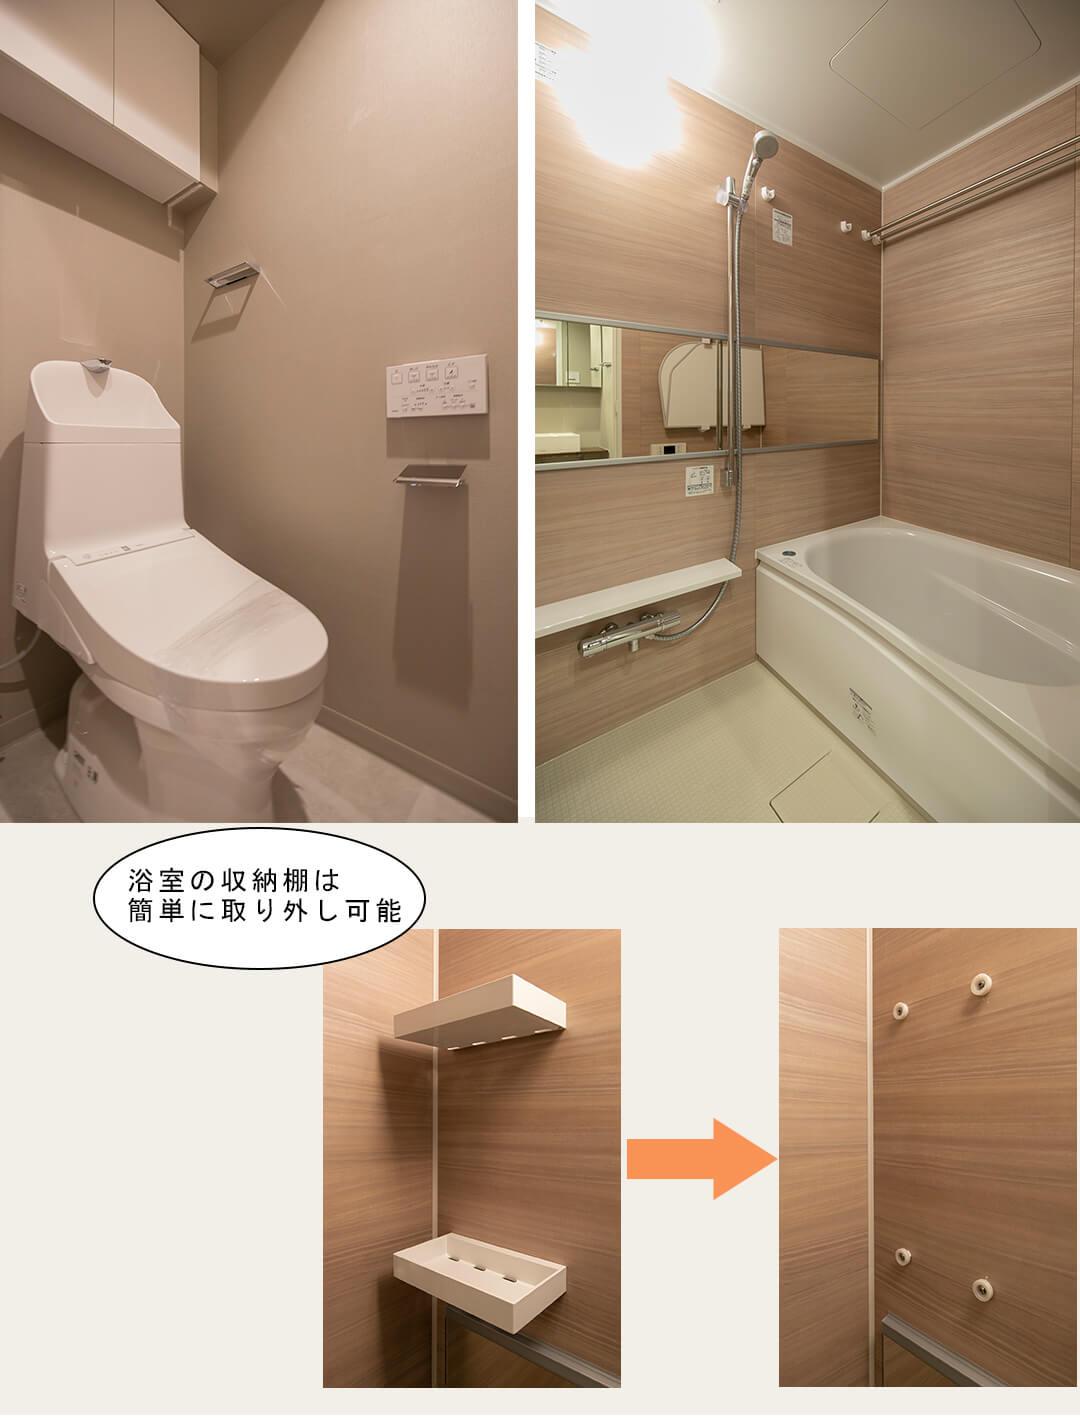 トダカ勝どきコーポのトイレと浴室